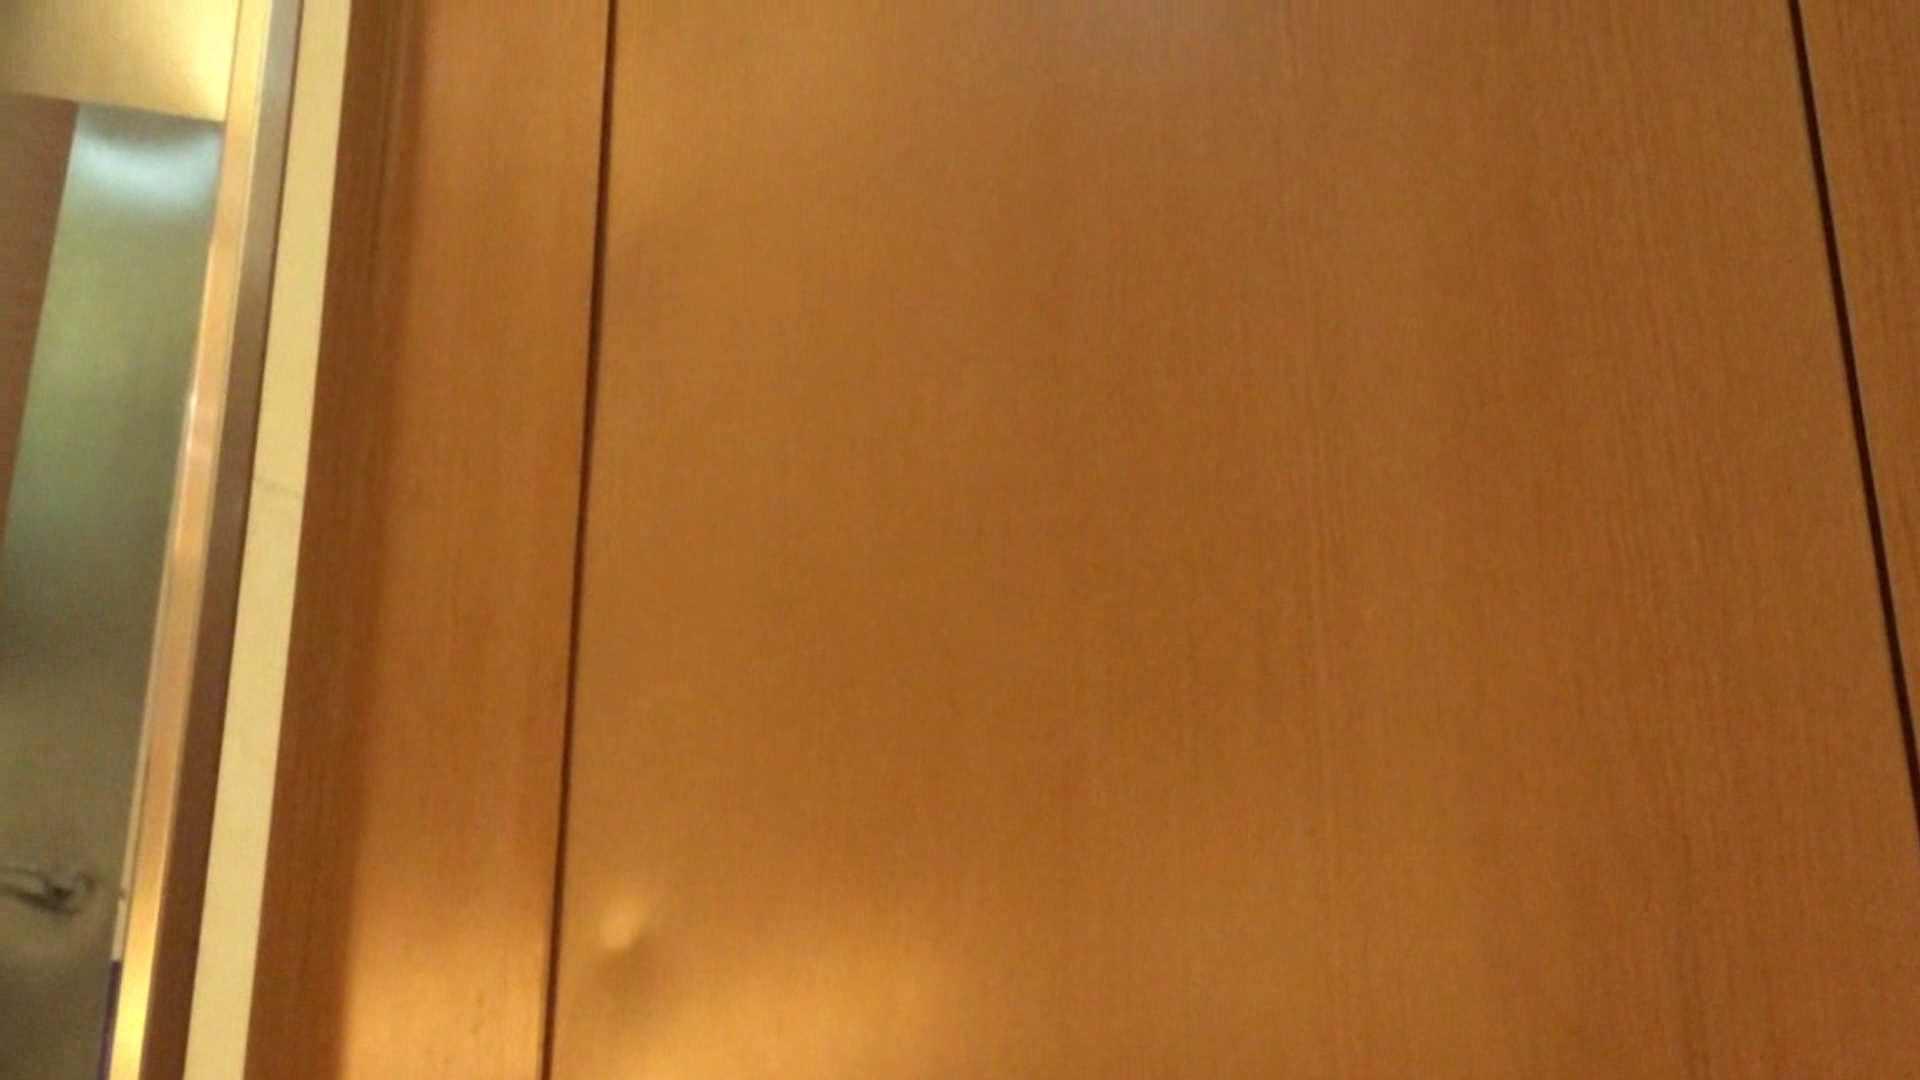 隣国化粧室下から御免!! No.05 美女  69PIX 14